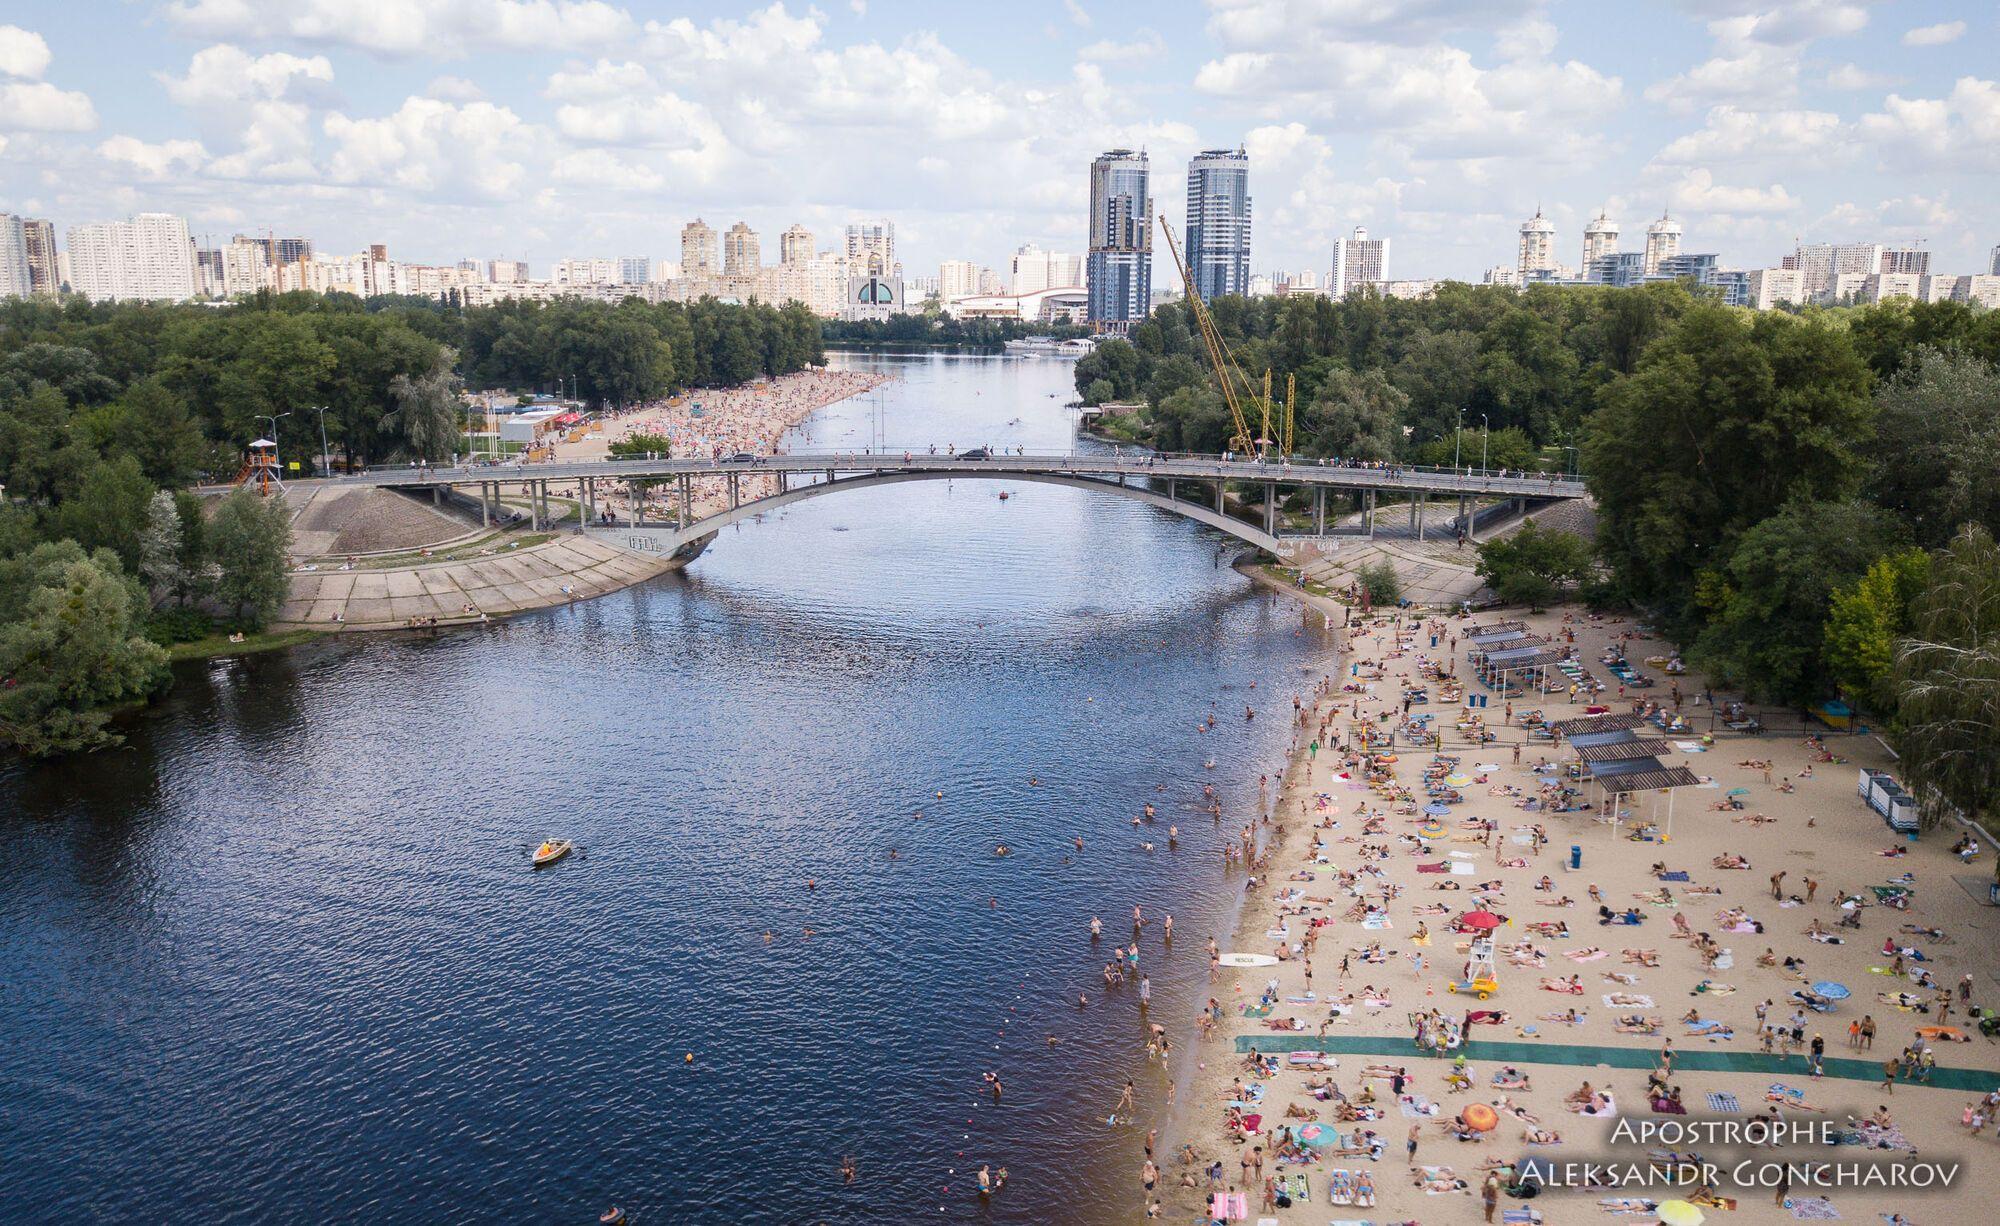 Лето в Киеве: опубликованы яркие фото с высоты птичьего полета